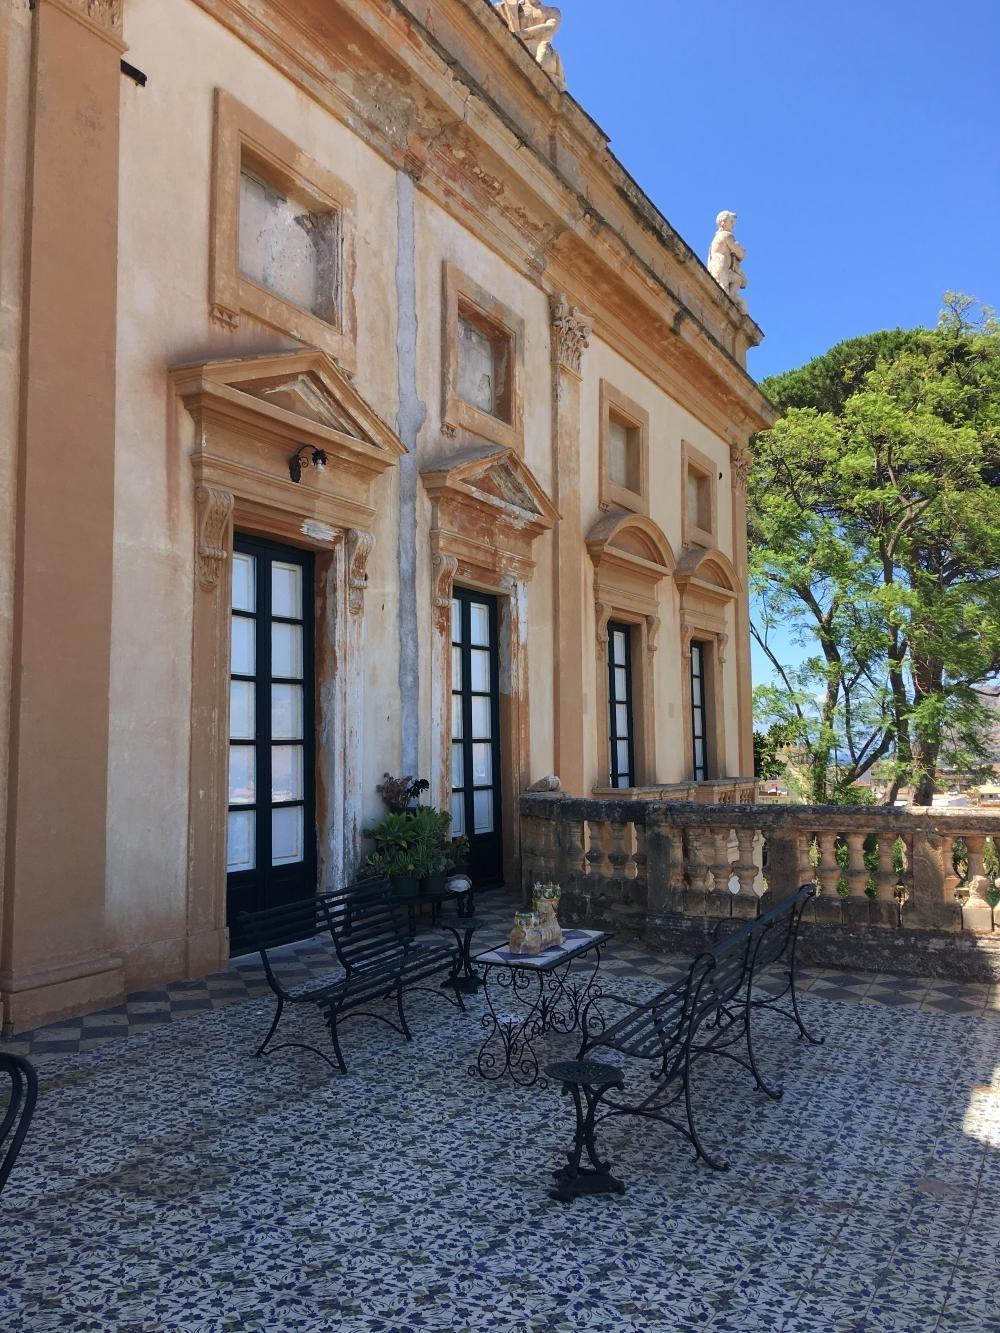 rocaille-blog-villa-valguarnera-bagheria-sicilia-salone-ercole-11-e1584568714147